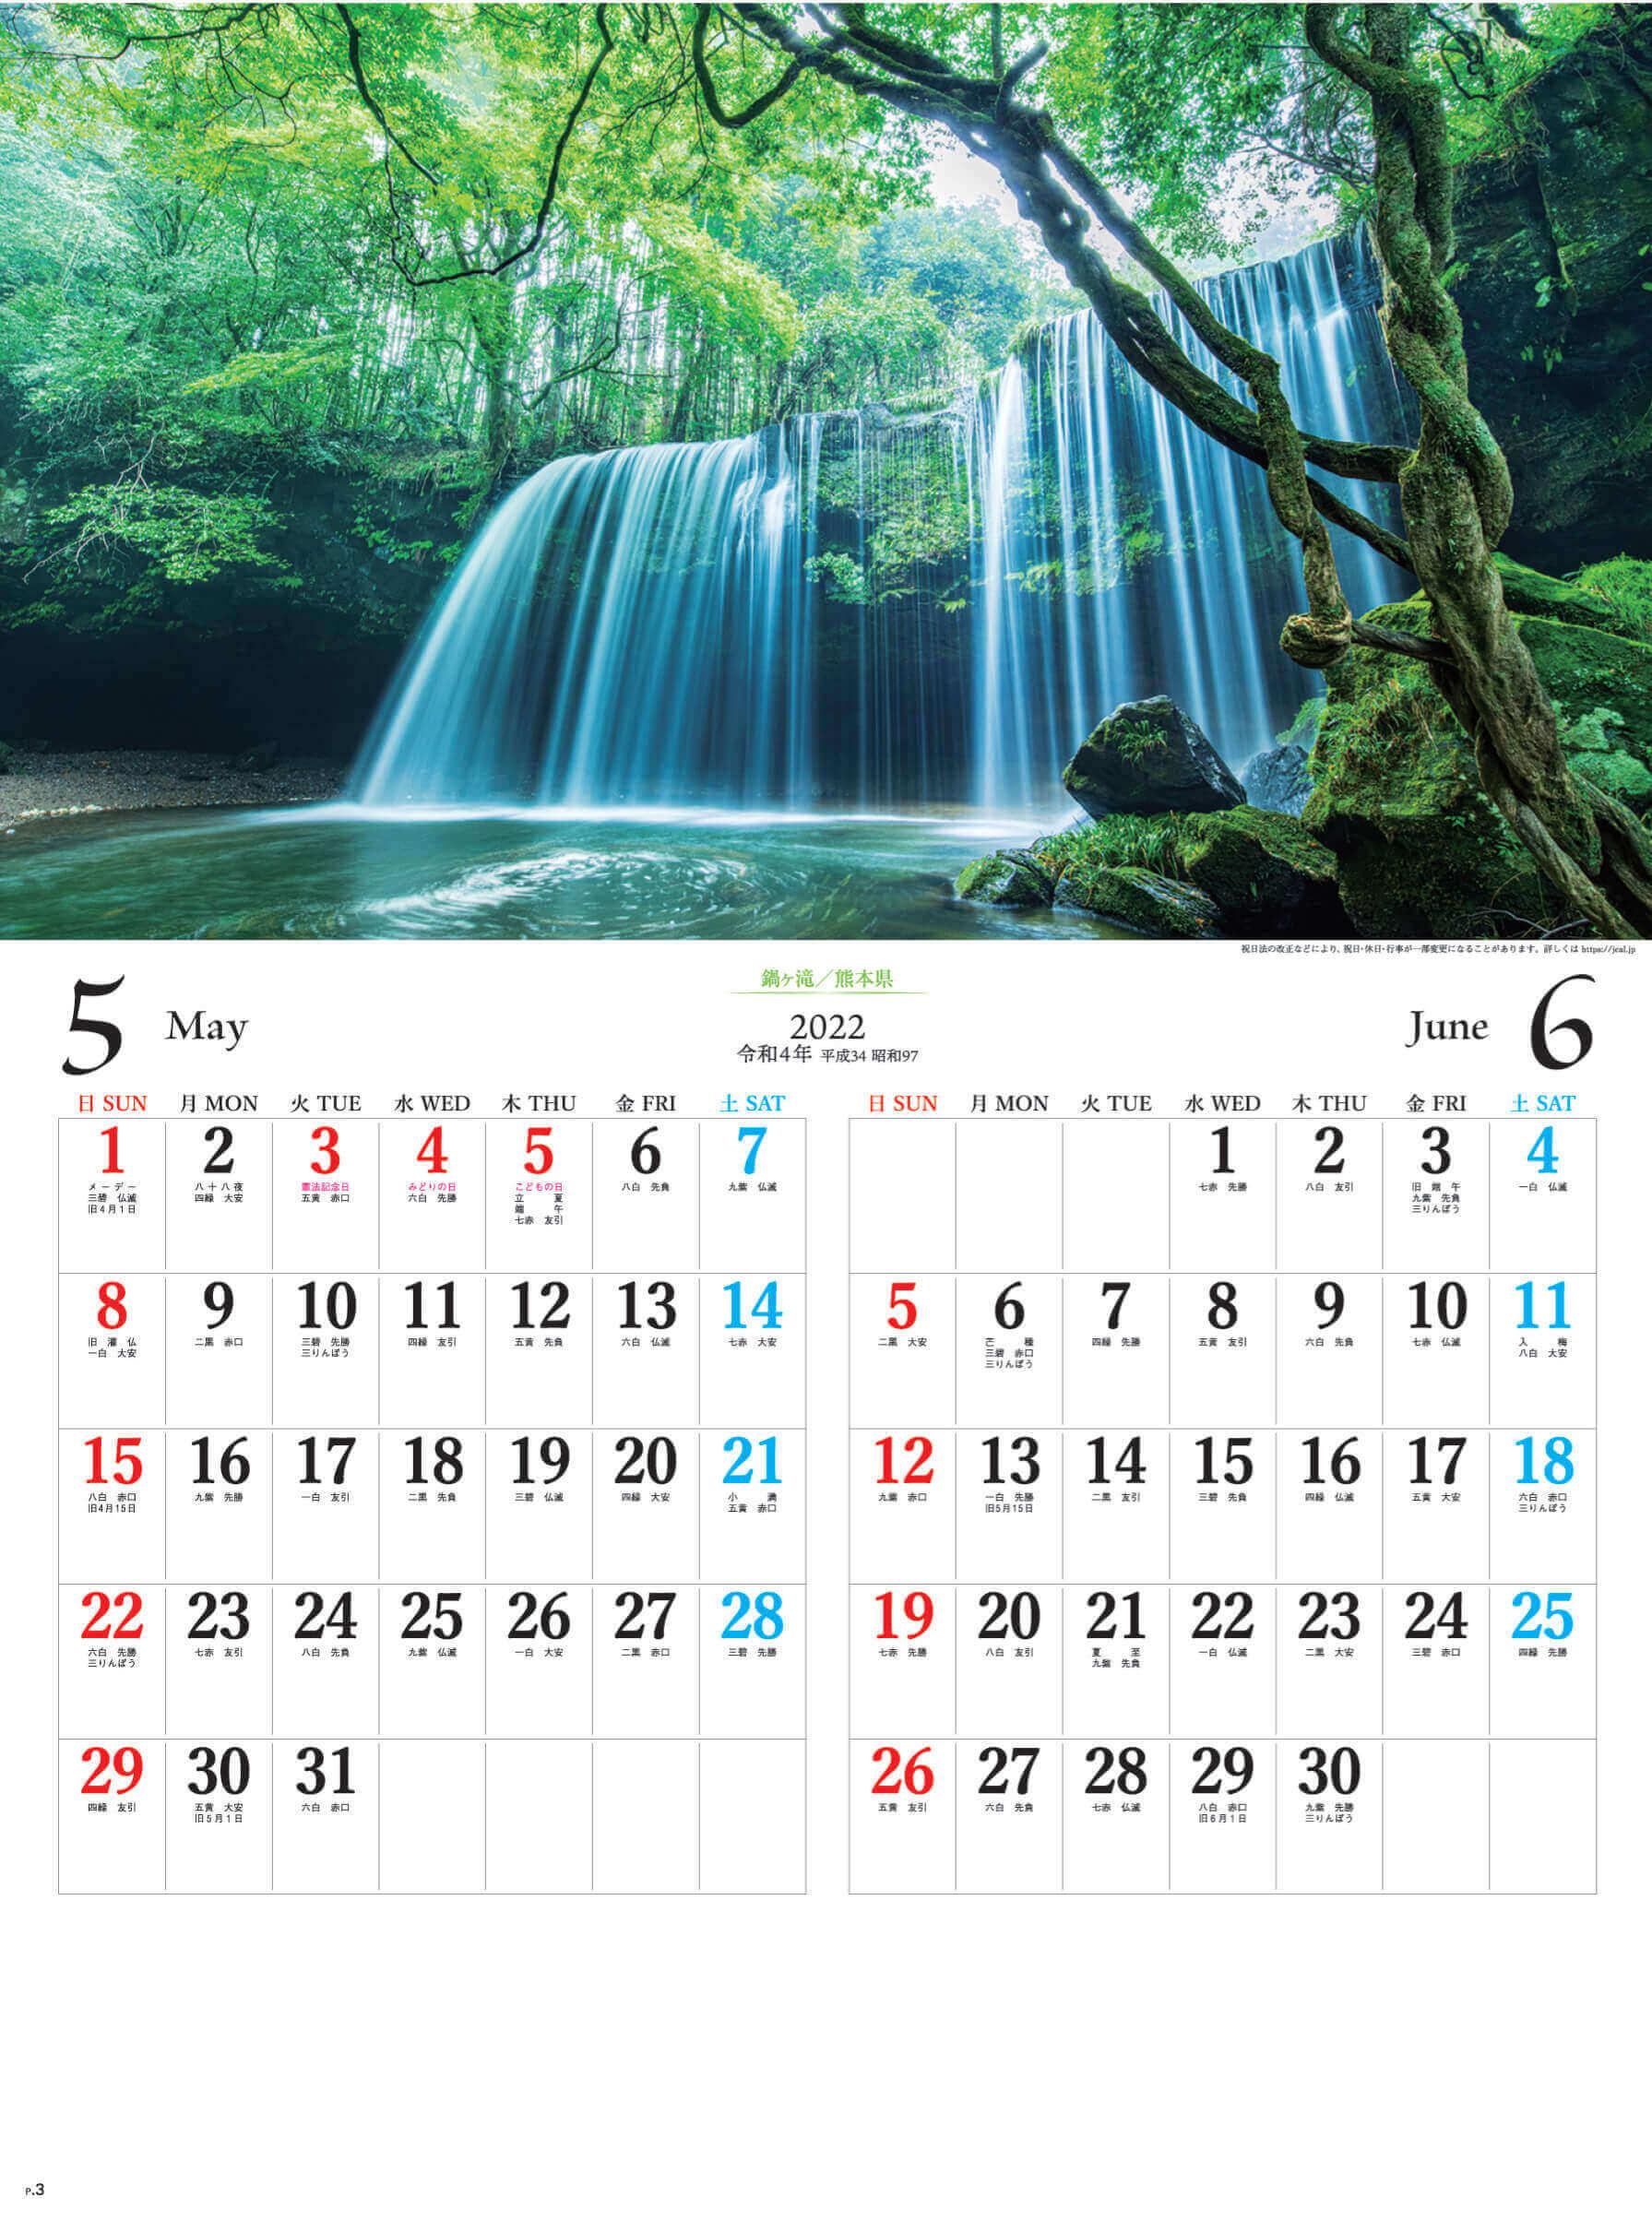 5-6月 鍋ヶ滝(熊本) 日本六景 2022年カレンダーの画像